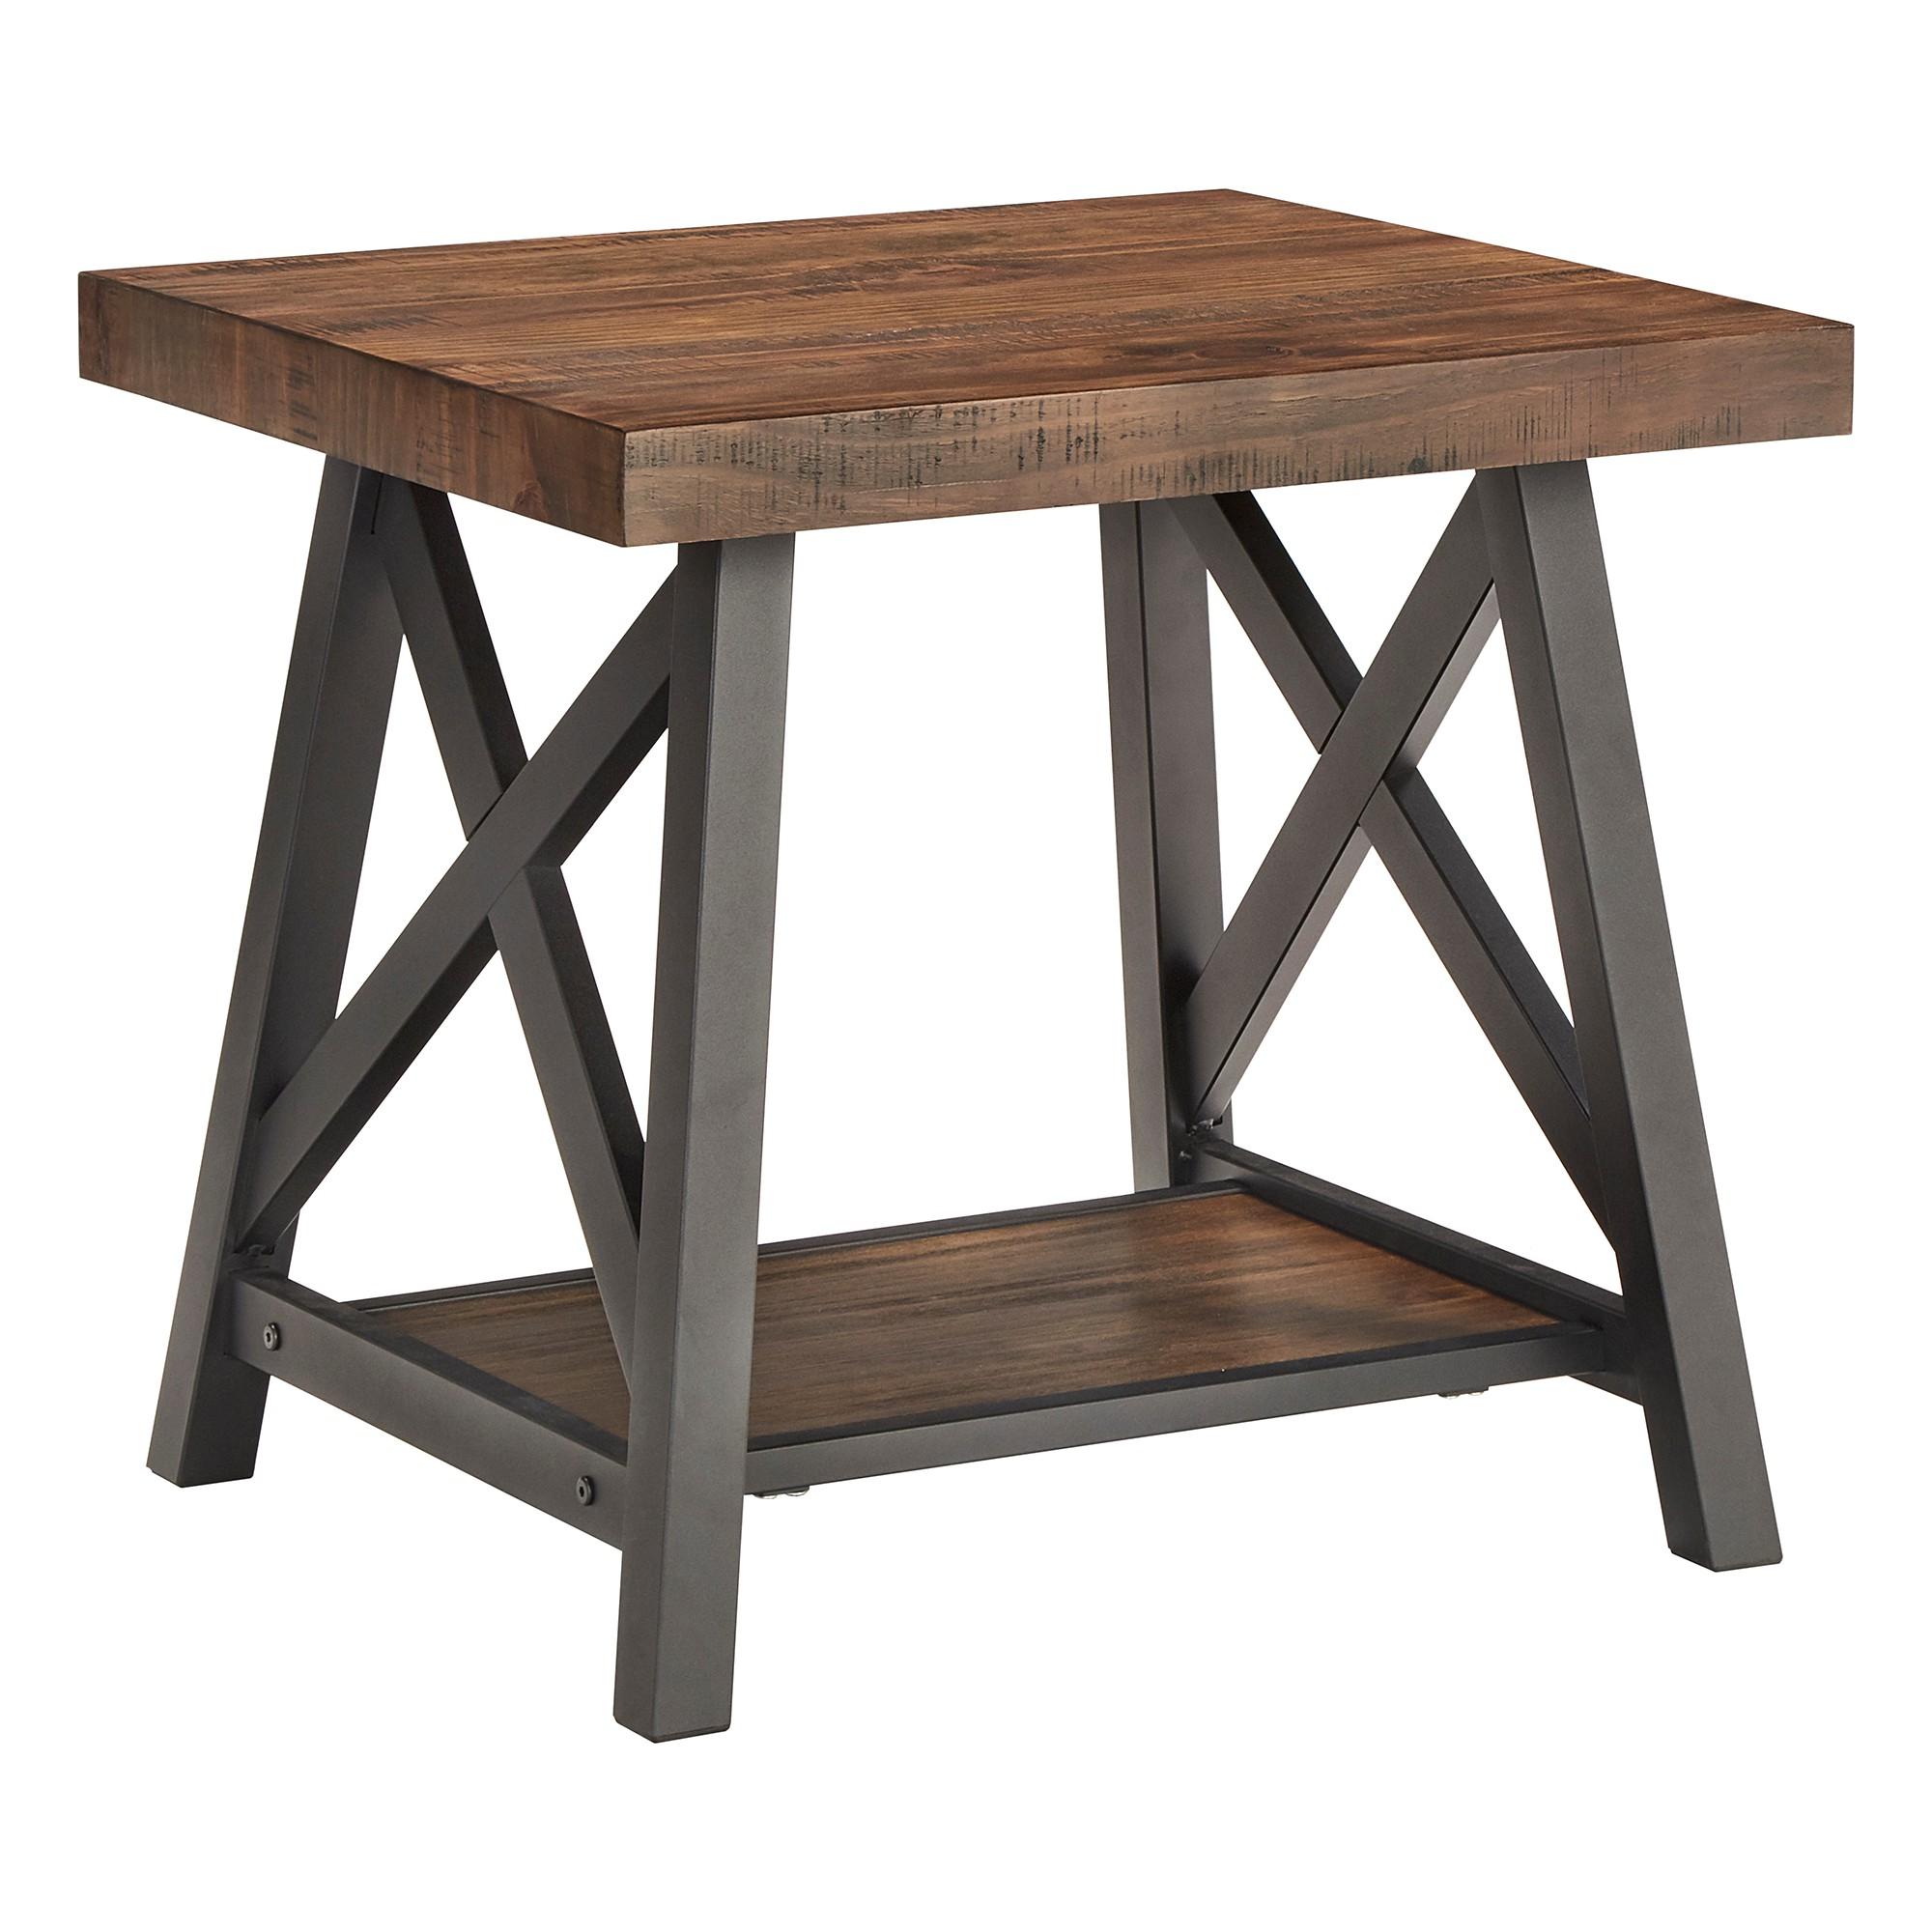 Lanshire Rustic Industrial Metal & Wood End Table Brown